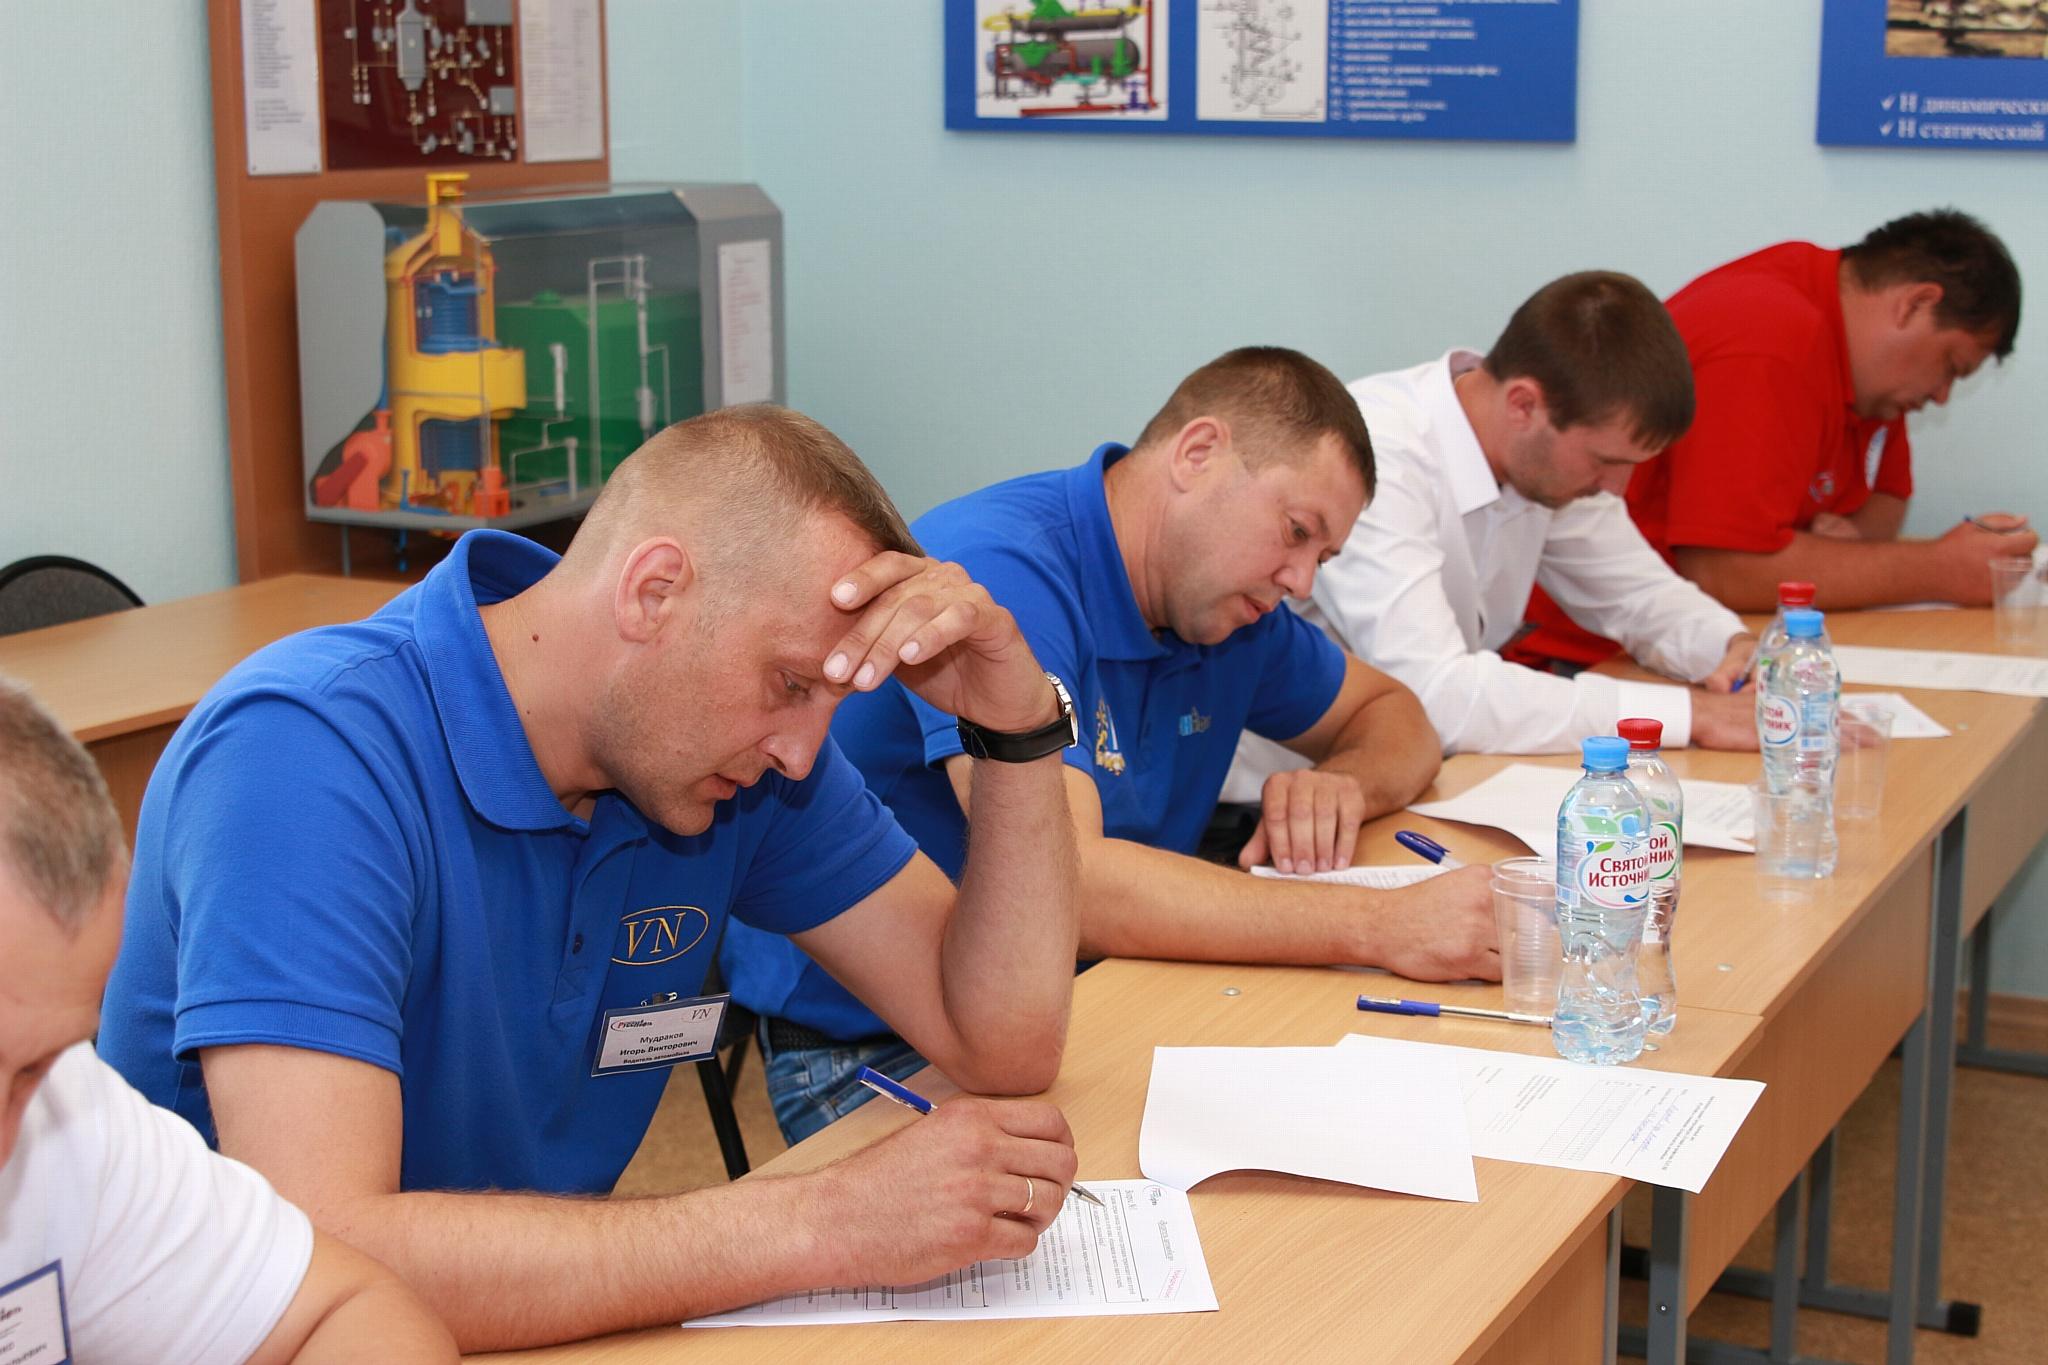 В Саратове состоялся финальный этап конкурса «Лучший по профессии» ПАО НК «Русснефть»